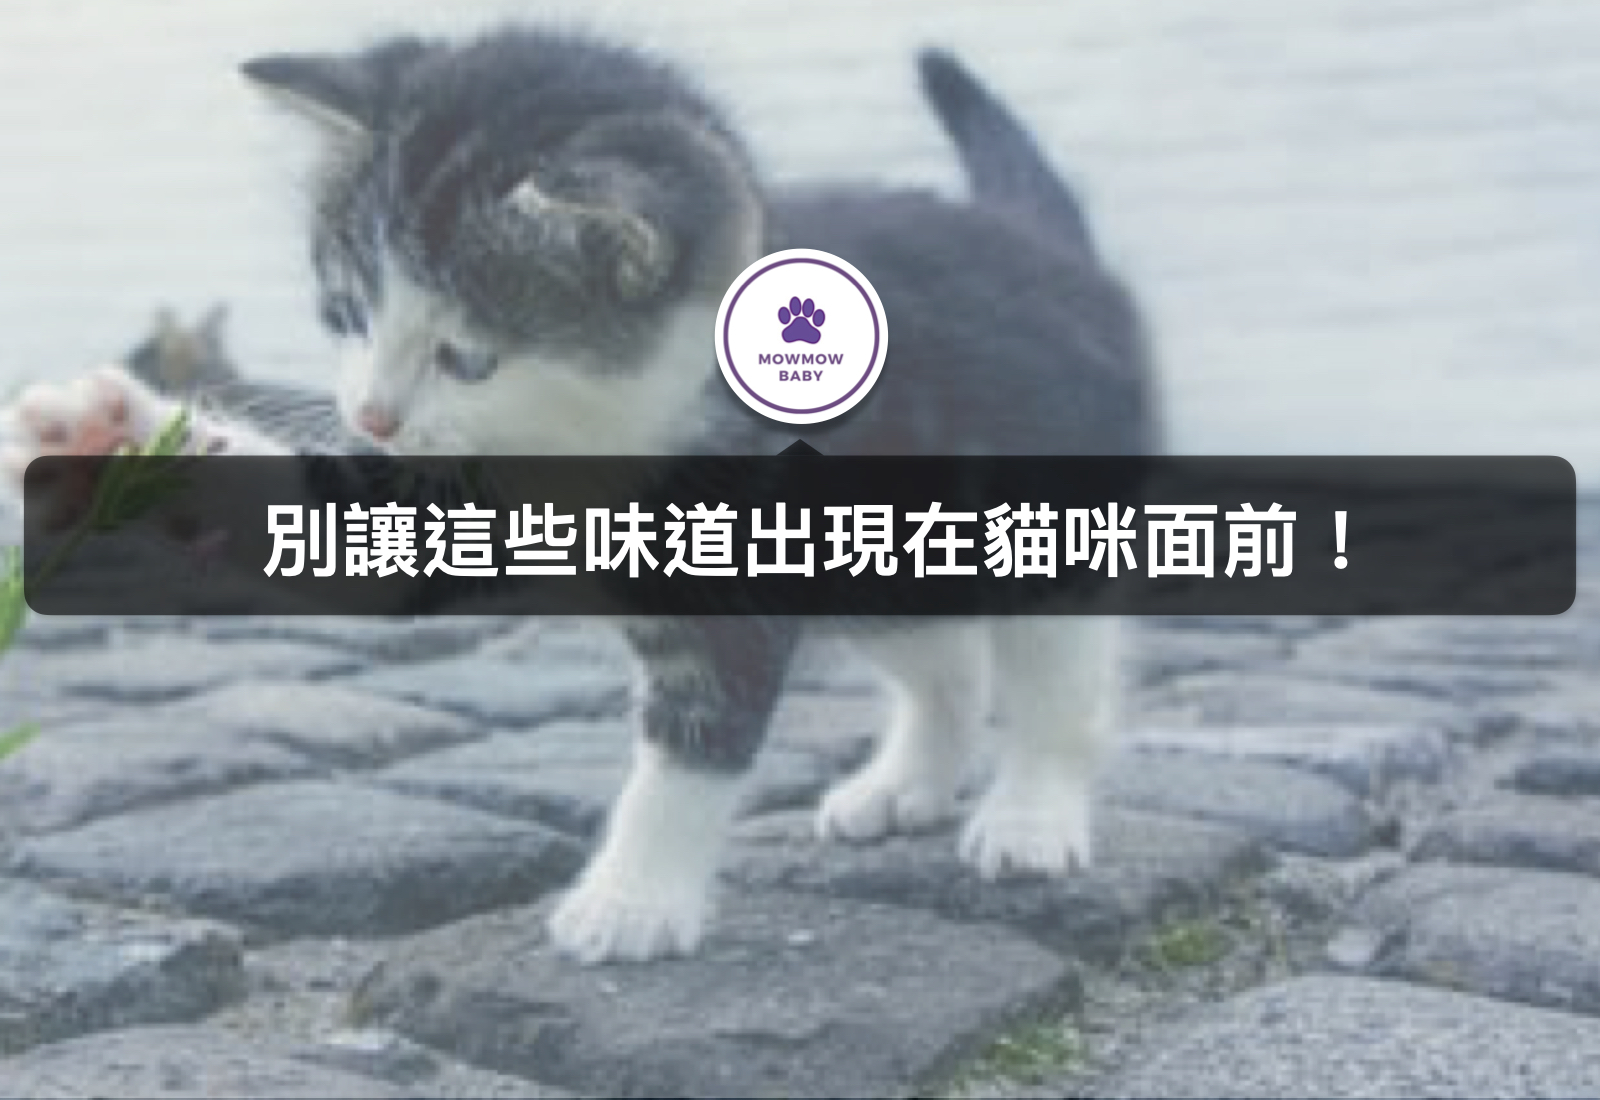 貓奴必知! 貓咪最討厭的味道! 不喜歡就會立馬跑走的3種氣味